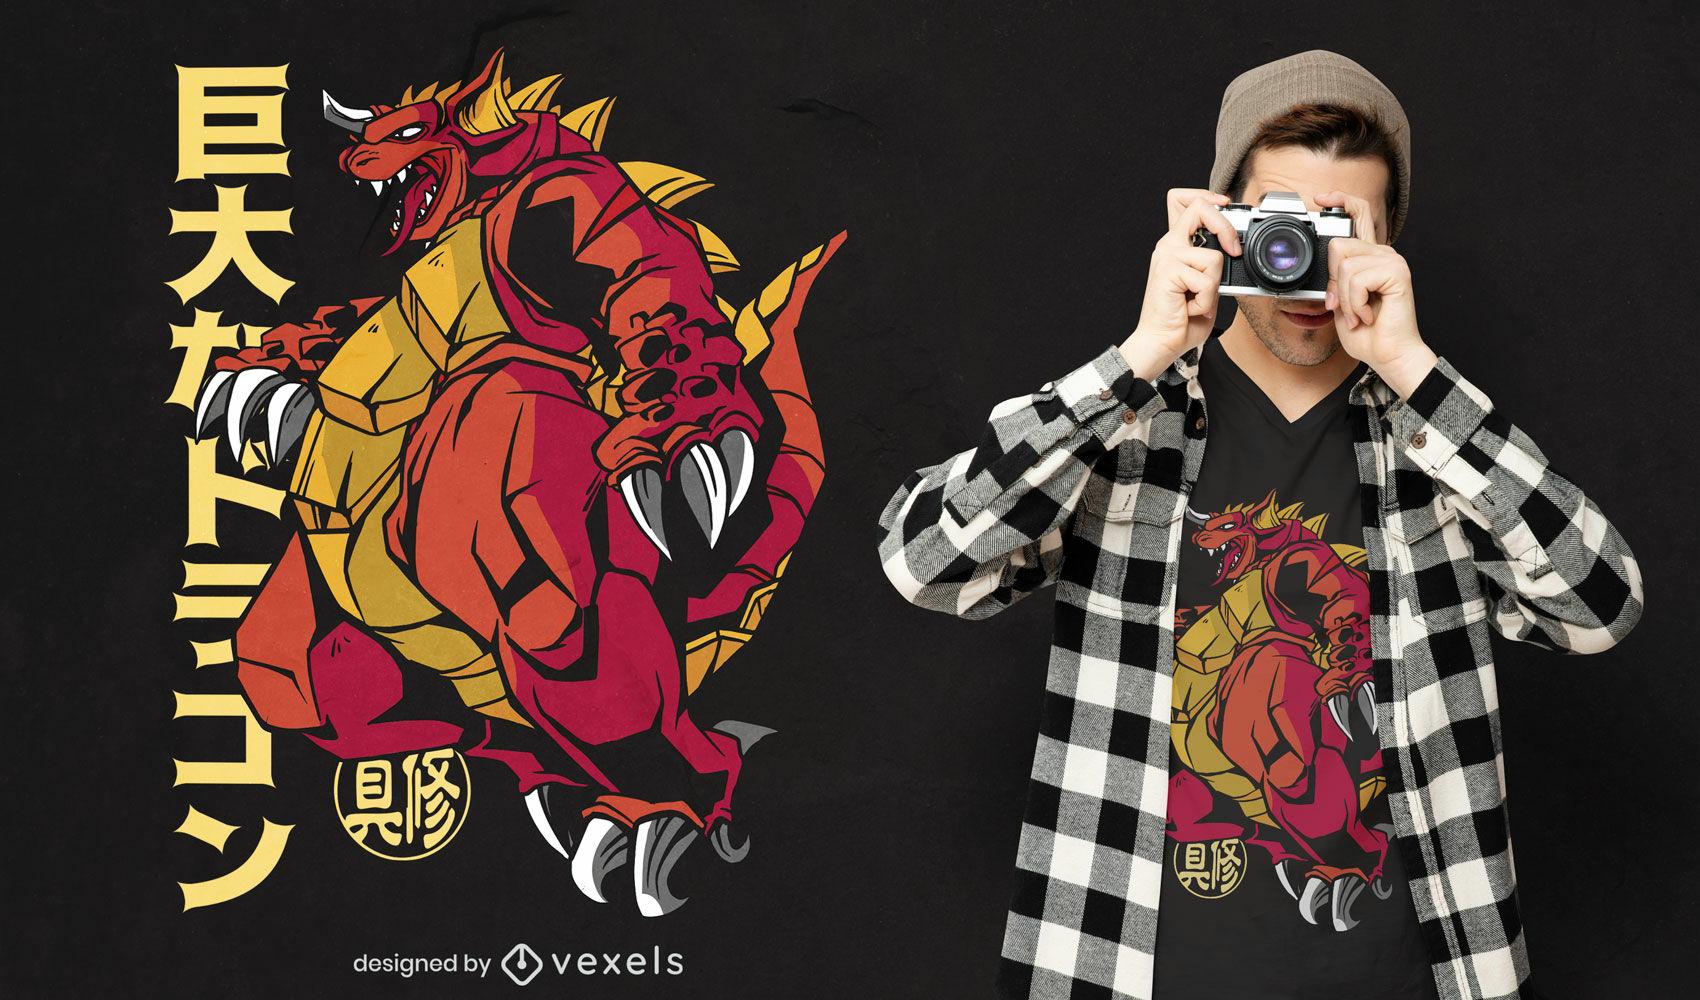 Dragon japanese monster anime t-shirt design